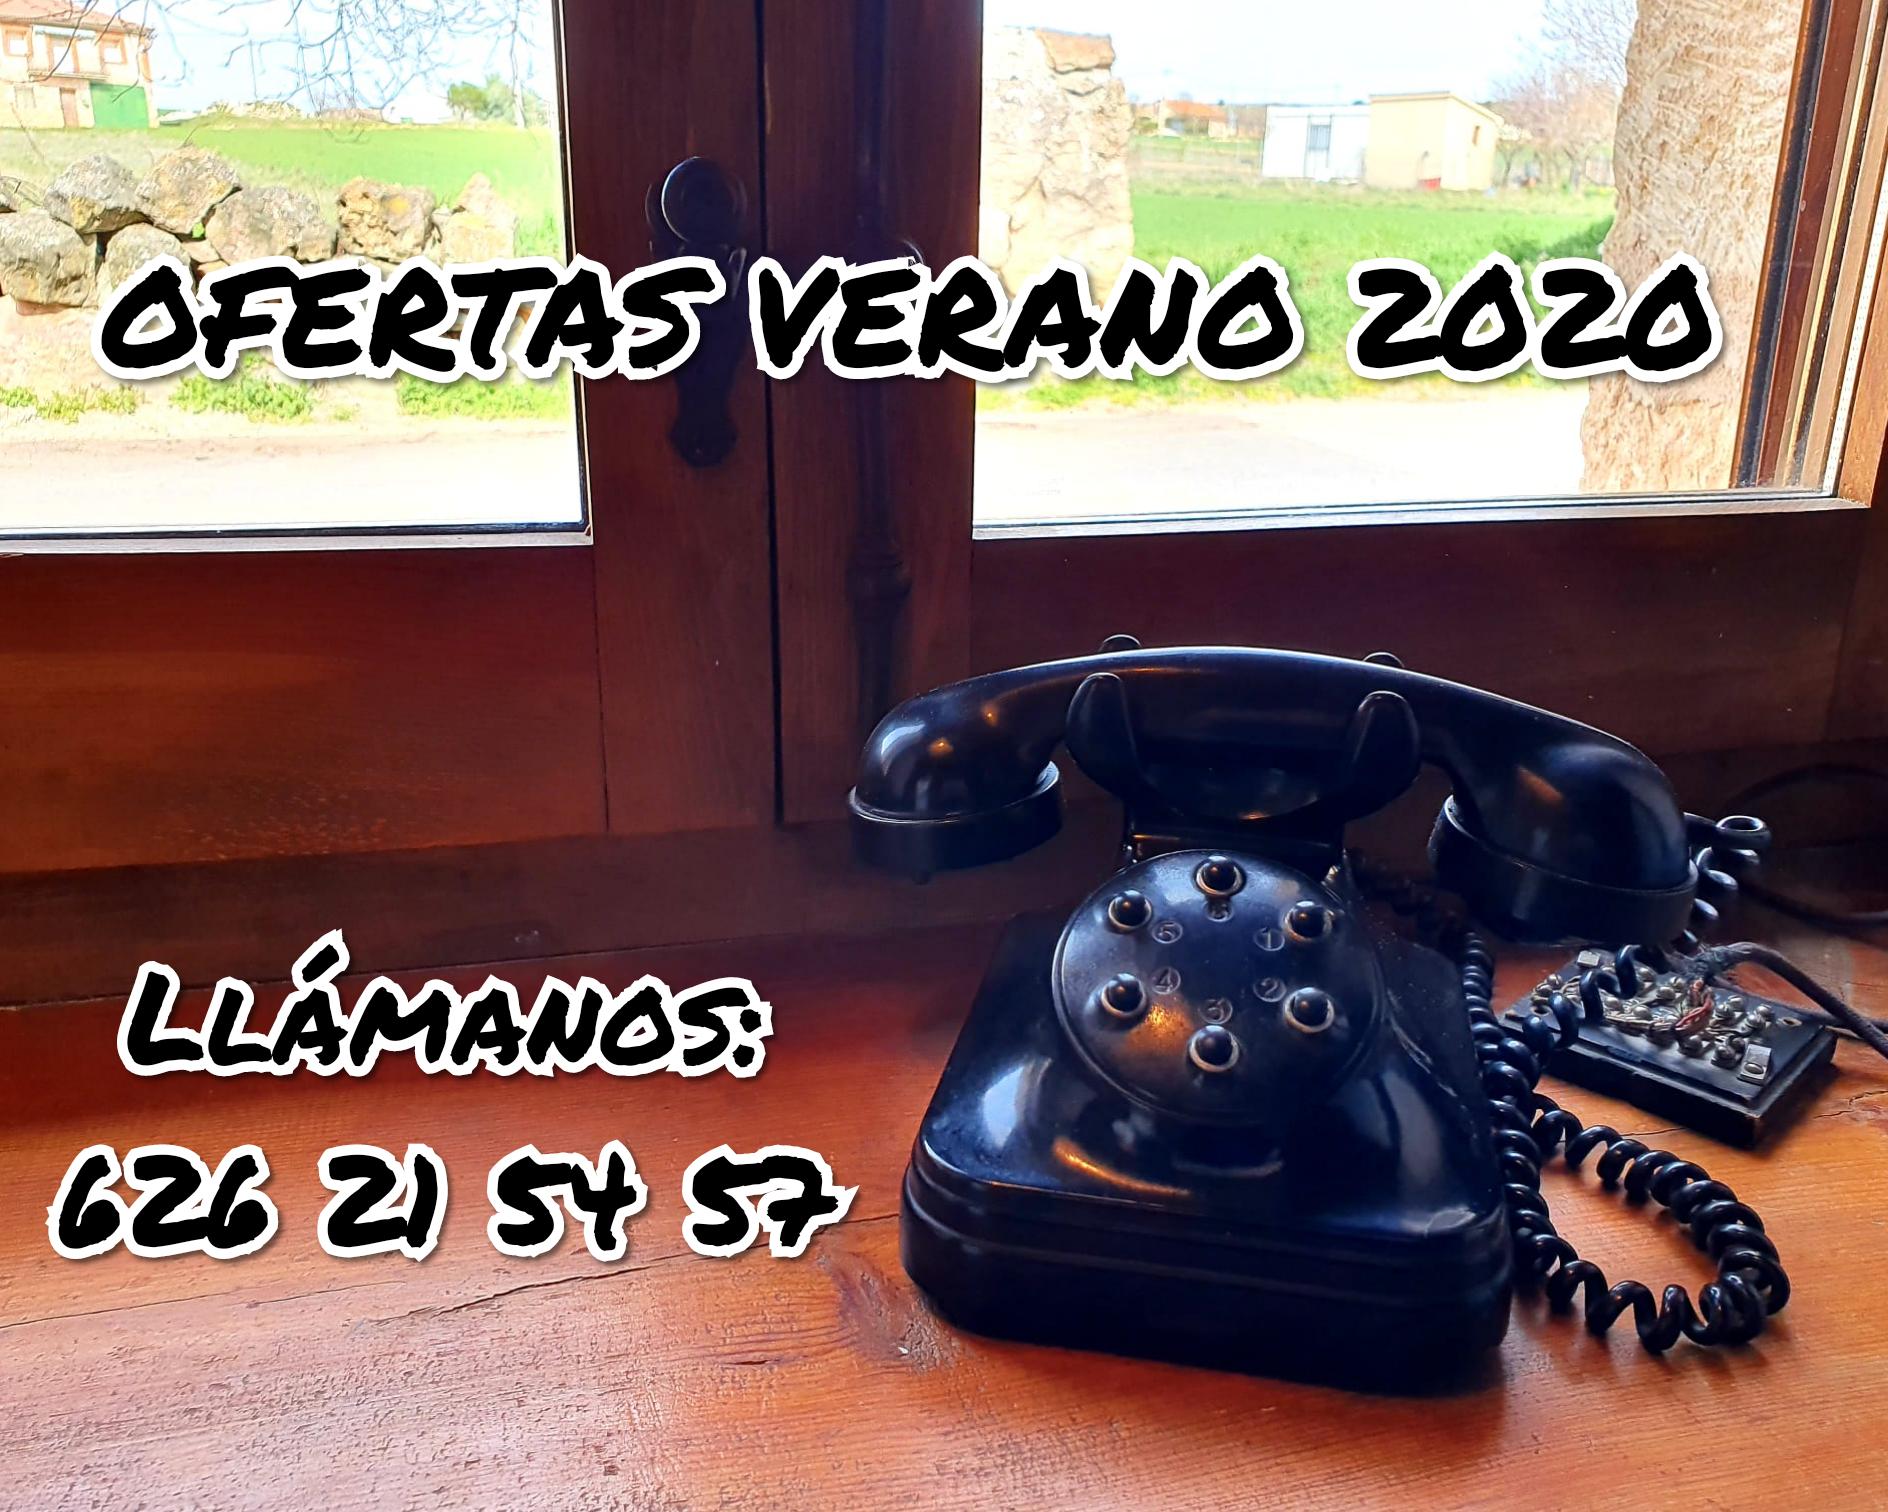 Ofertas de verano 2020. Casas rurales La Fuente. Segovia